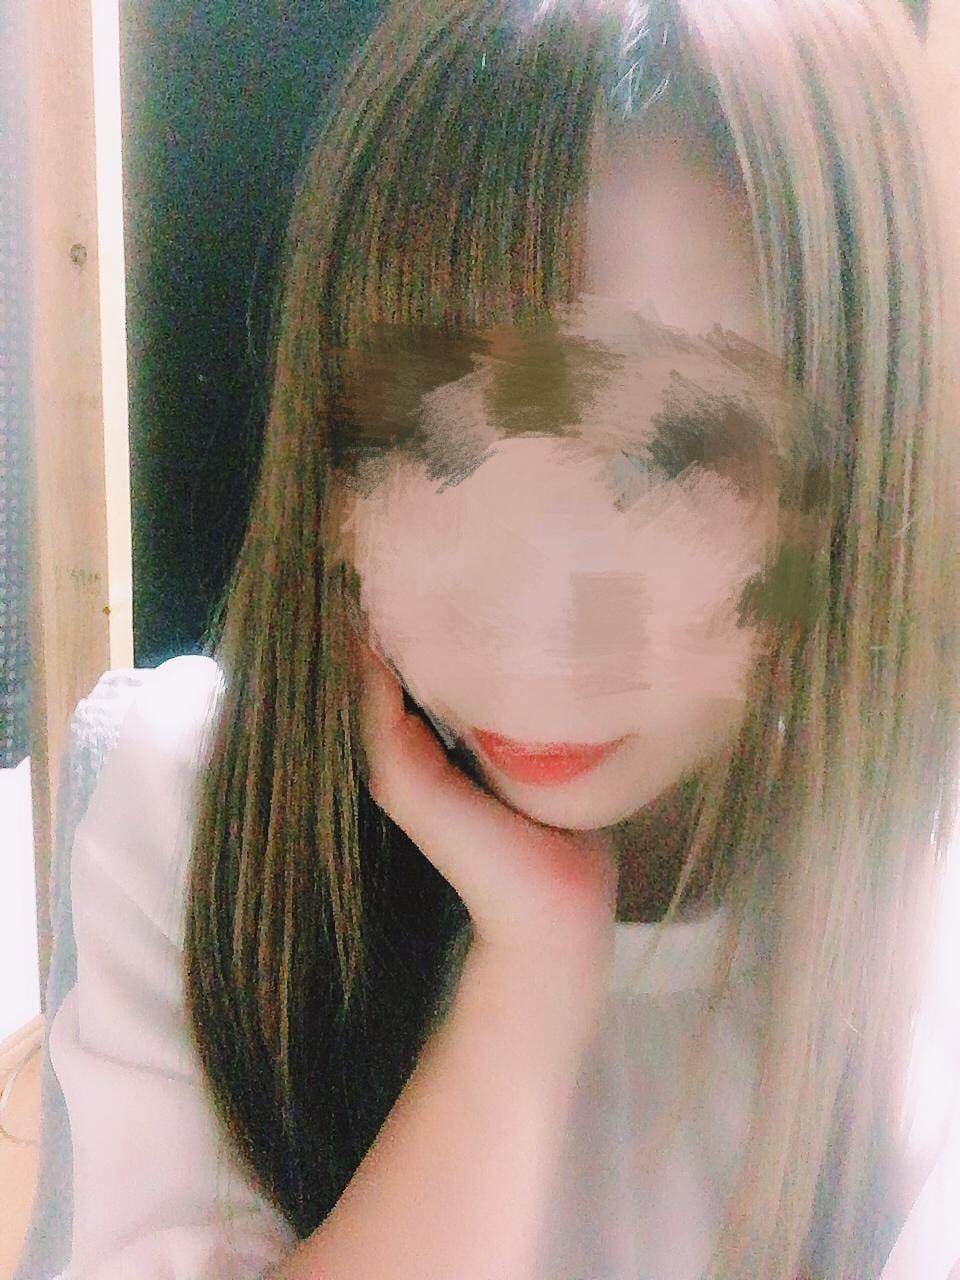 「バレー」10/12(10/12) 17:31 | るなの写メ・風俗動画